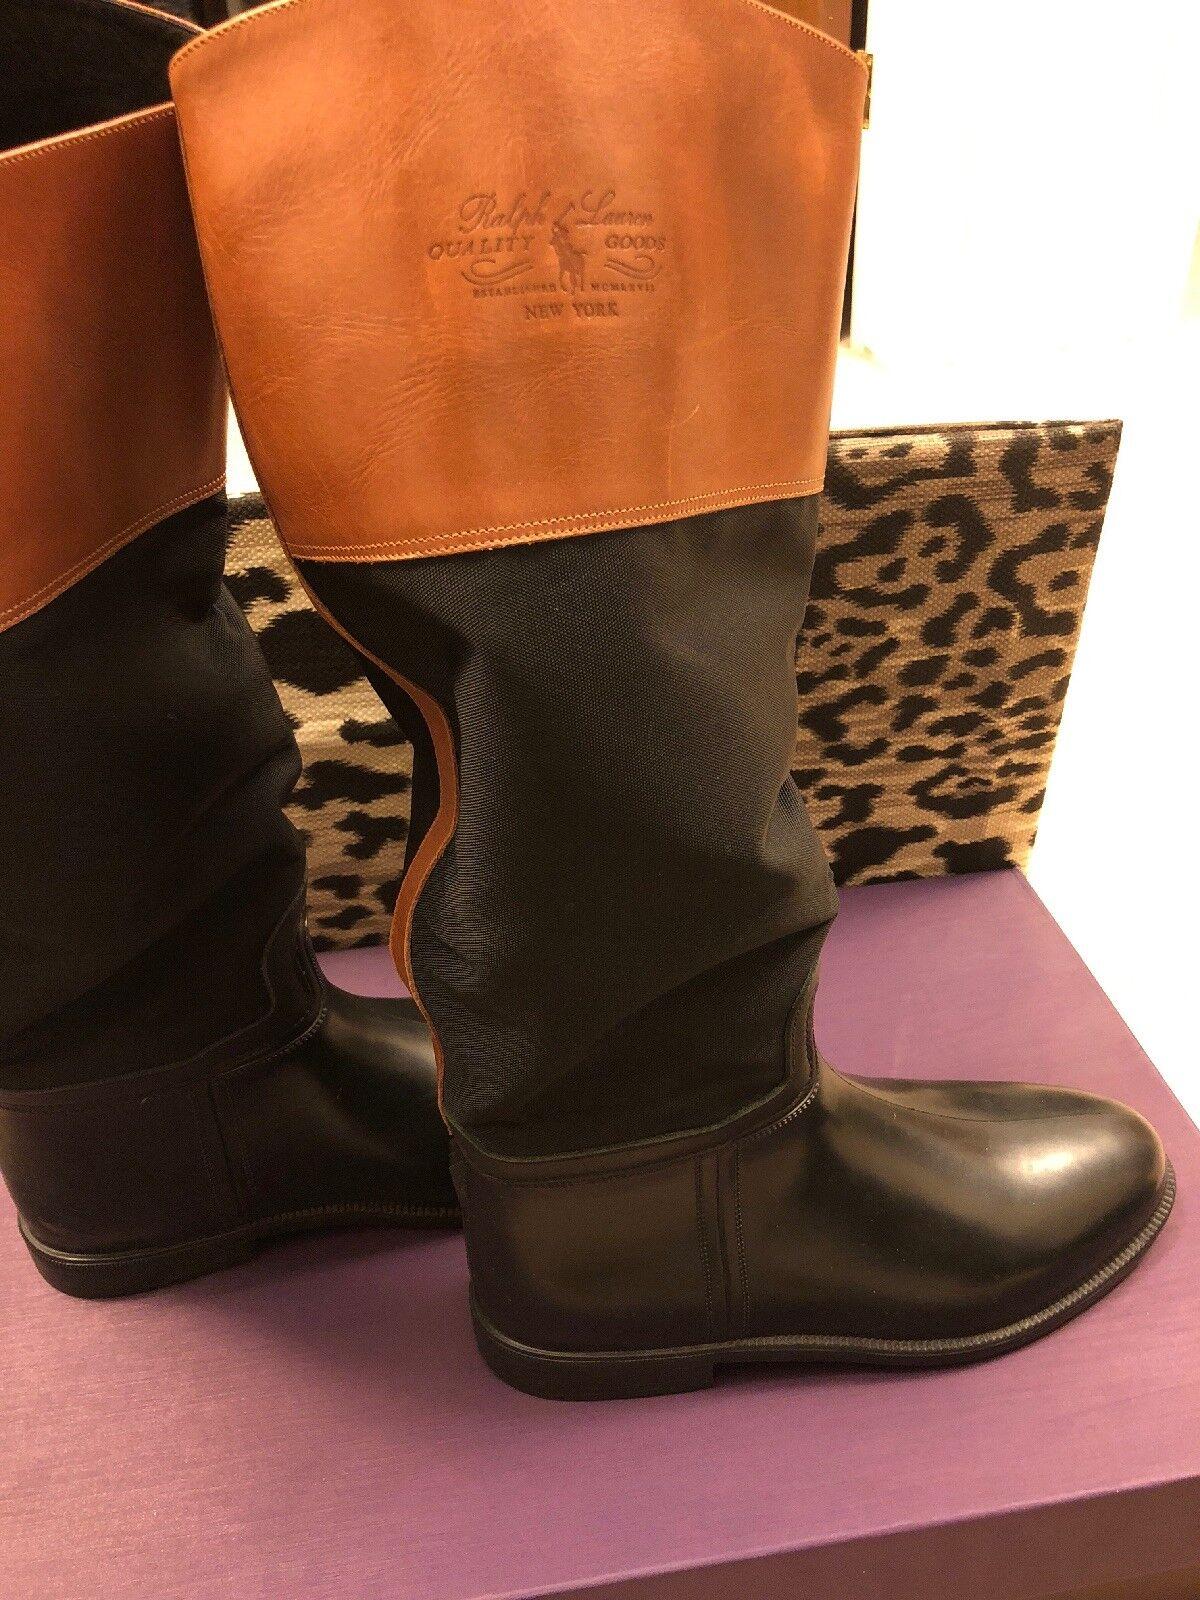 Ralph Lauren Goma Y Cuero botas De Lluvia increíble condición